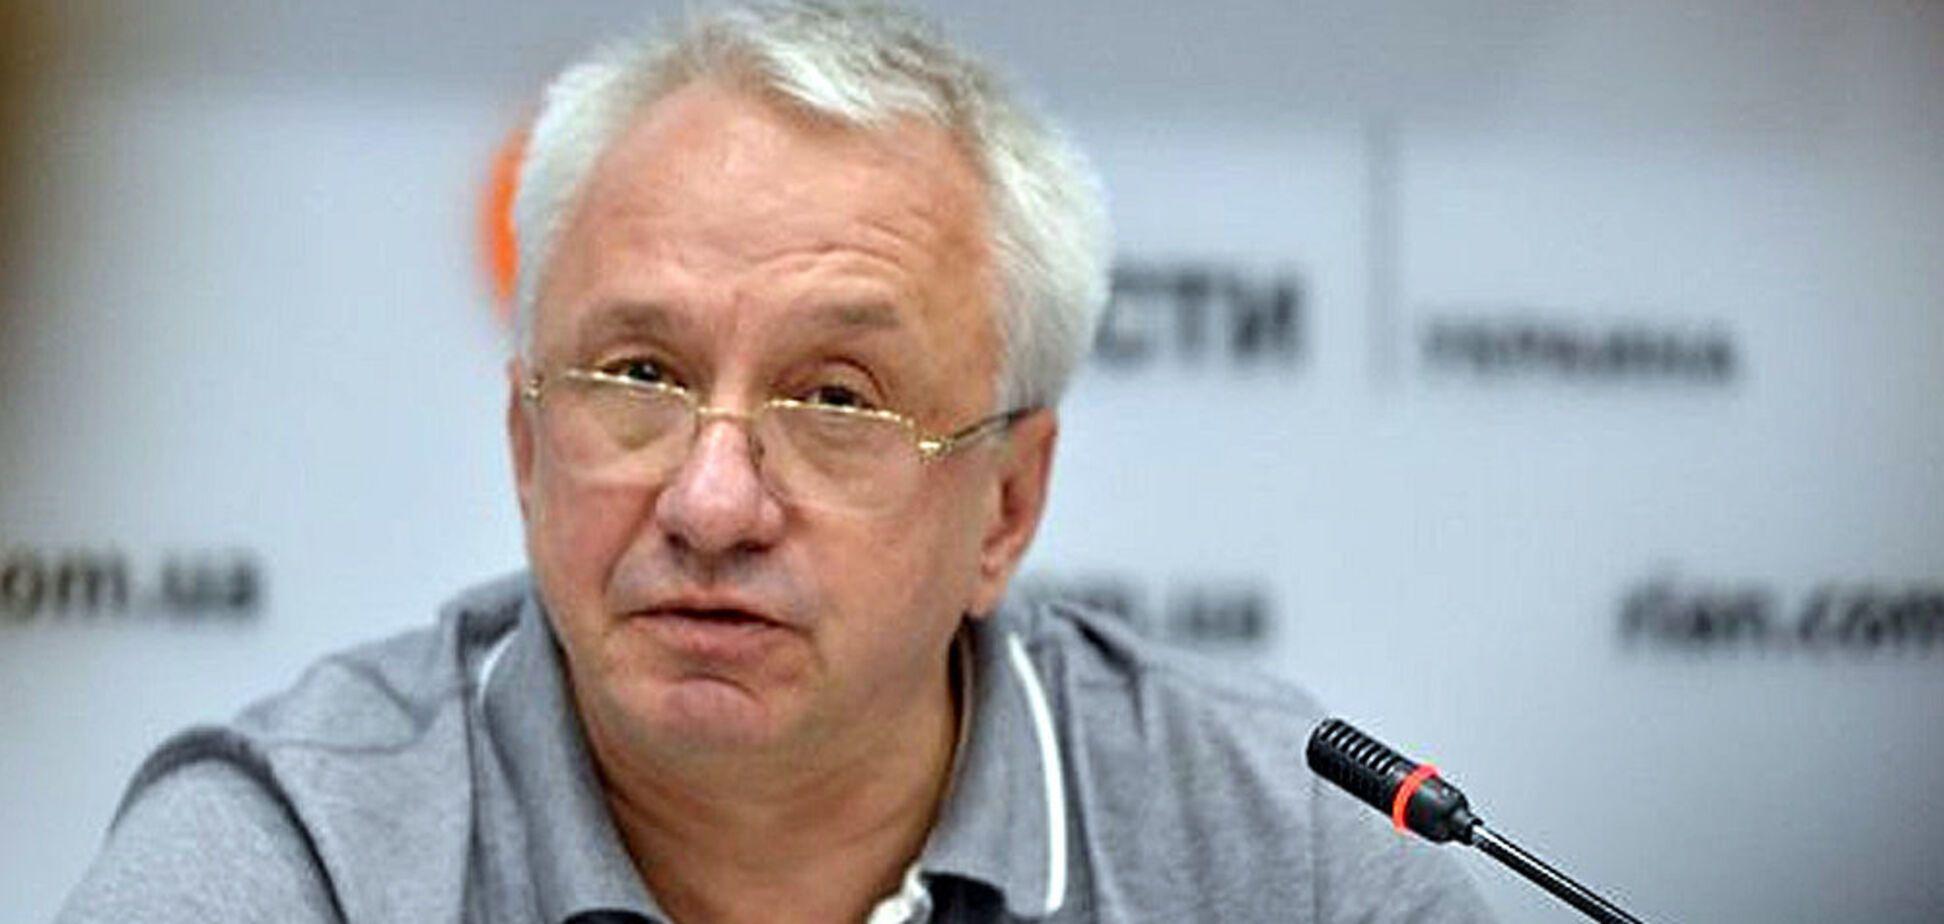 НКРЕКП відповідальна за мільярдні збитки держкомпаній, – Кучеренко